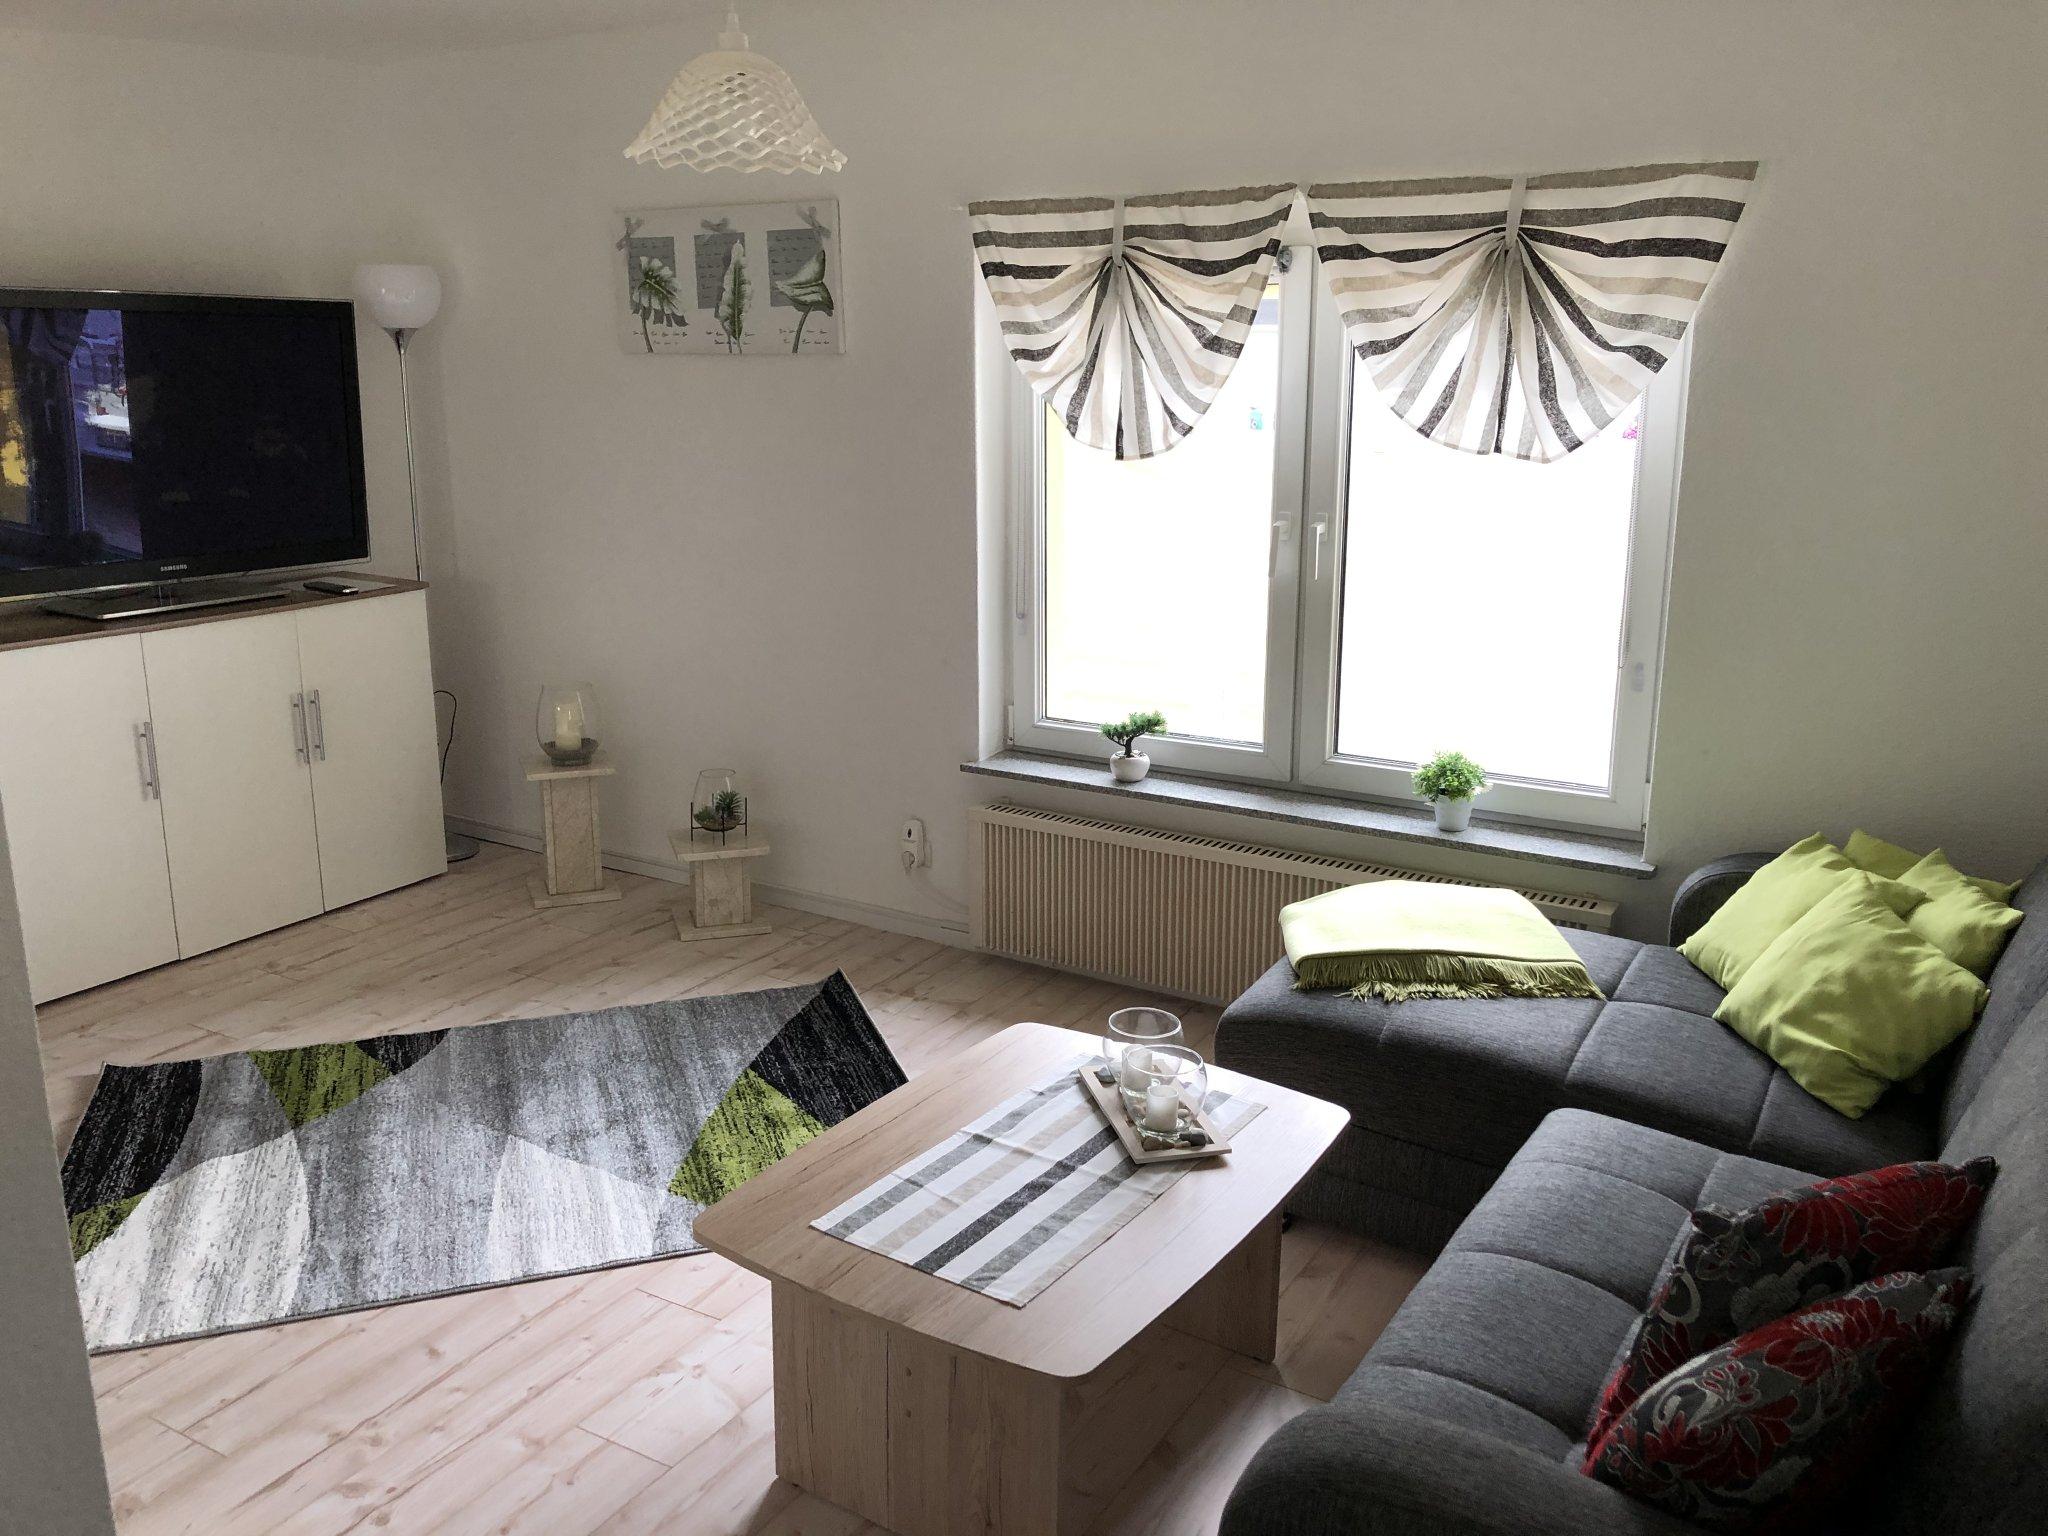 haus brandenburg in brandenburg an der havel brandenburg carsten wichterei. Black Bedroom Furniture Sets. Home Design Ideas